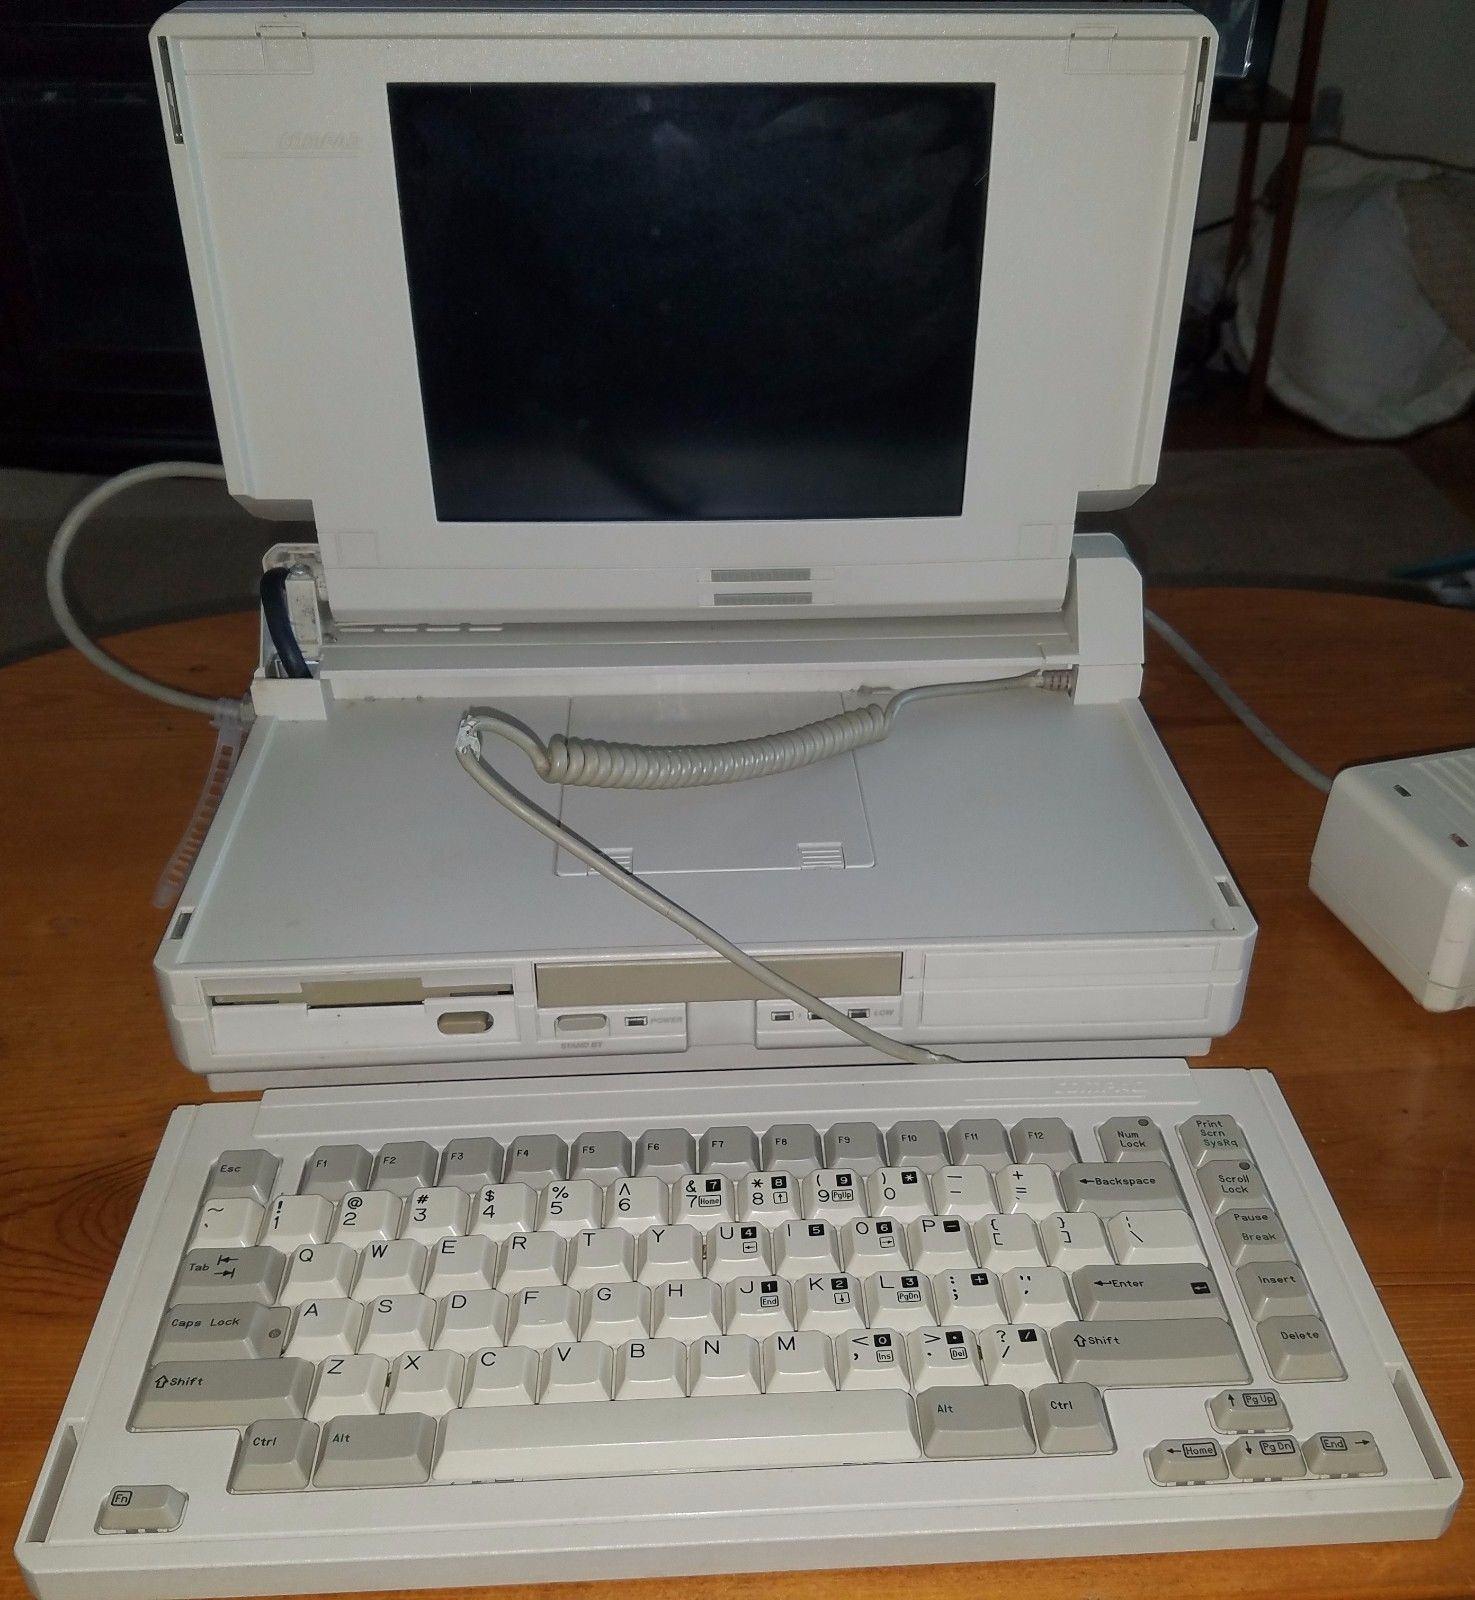 T430 7 Row Keyboard